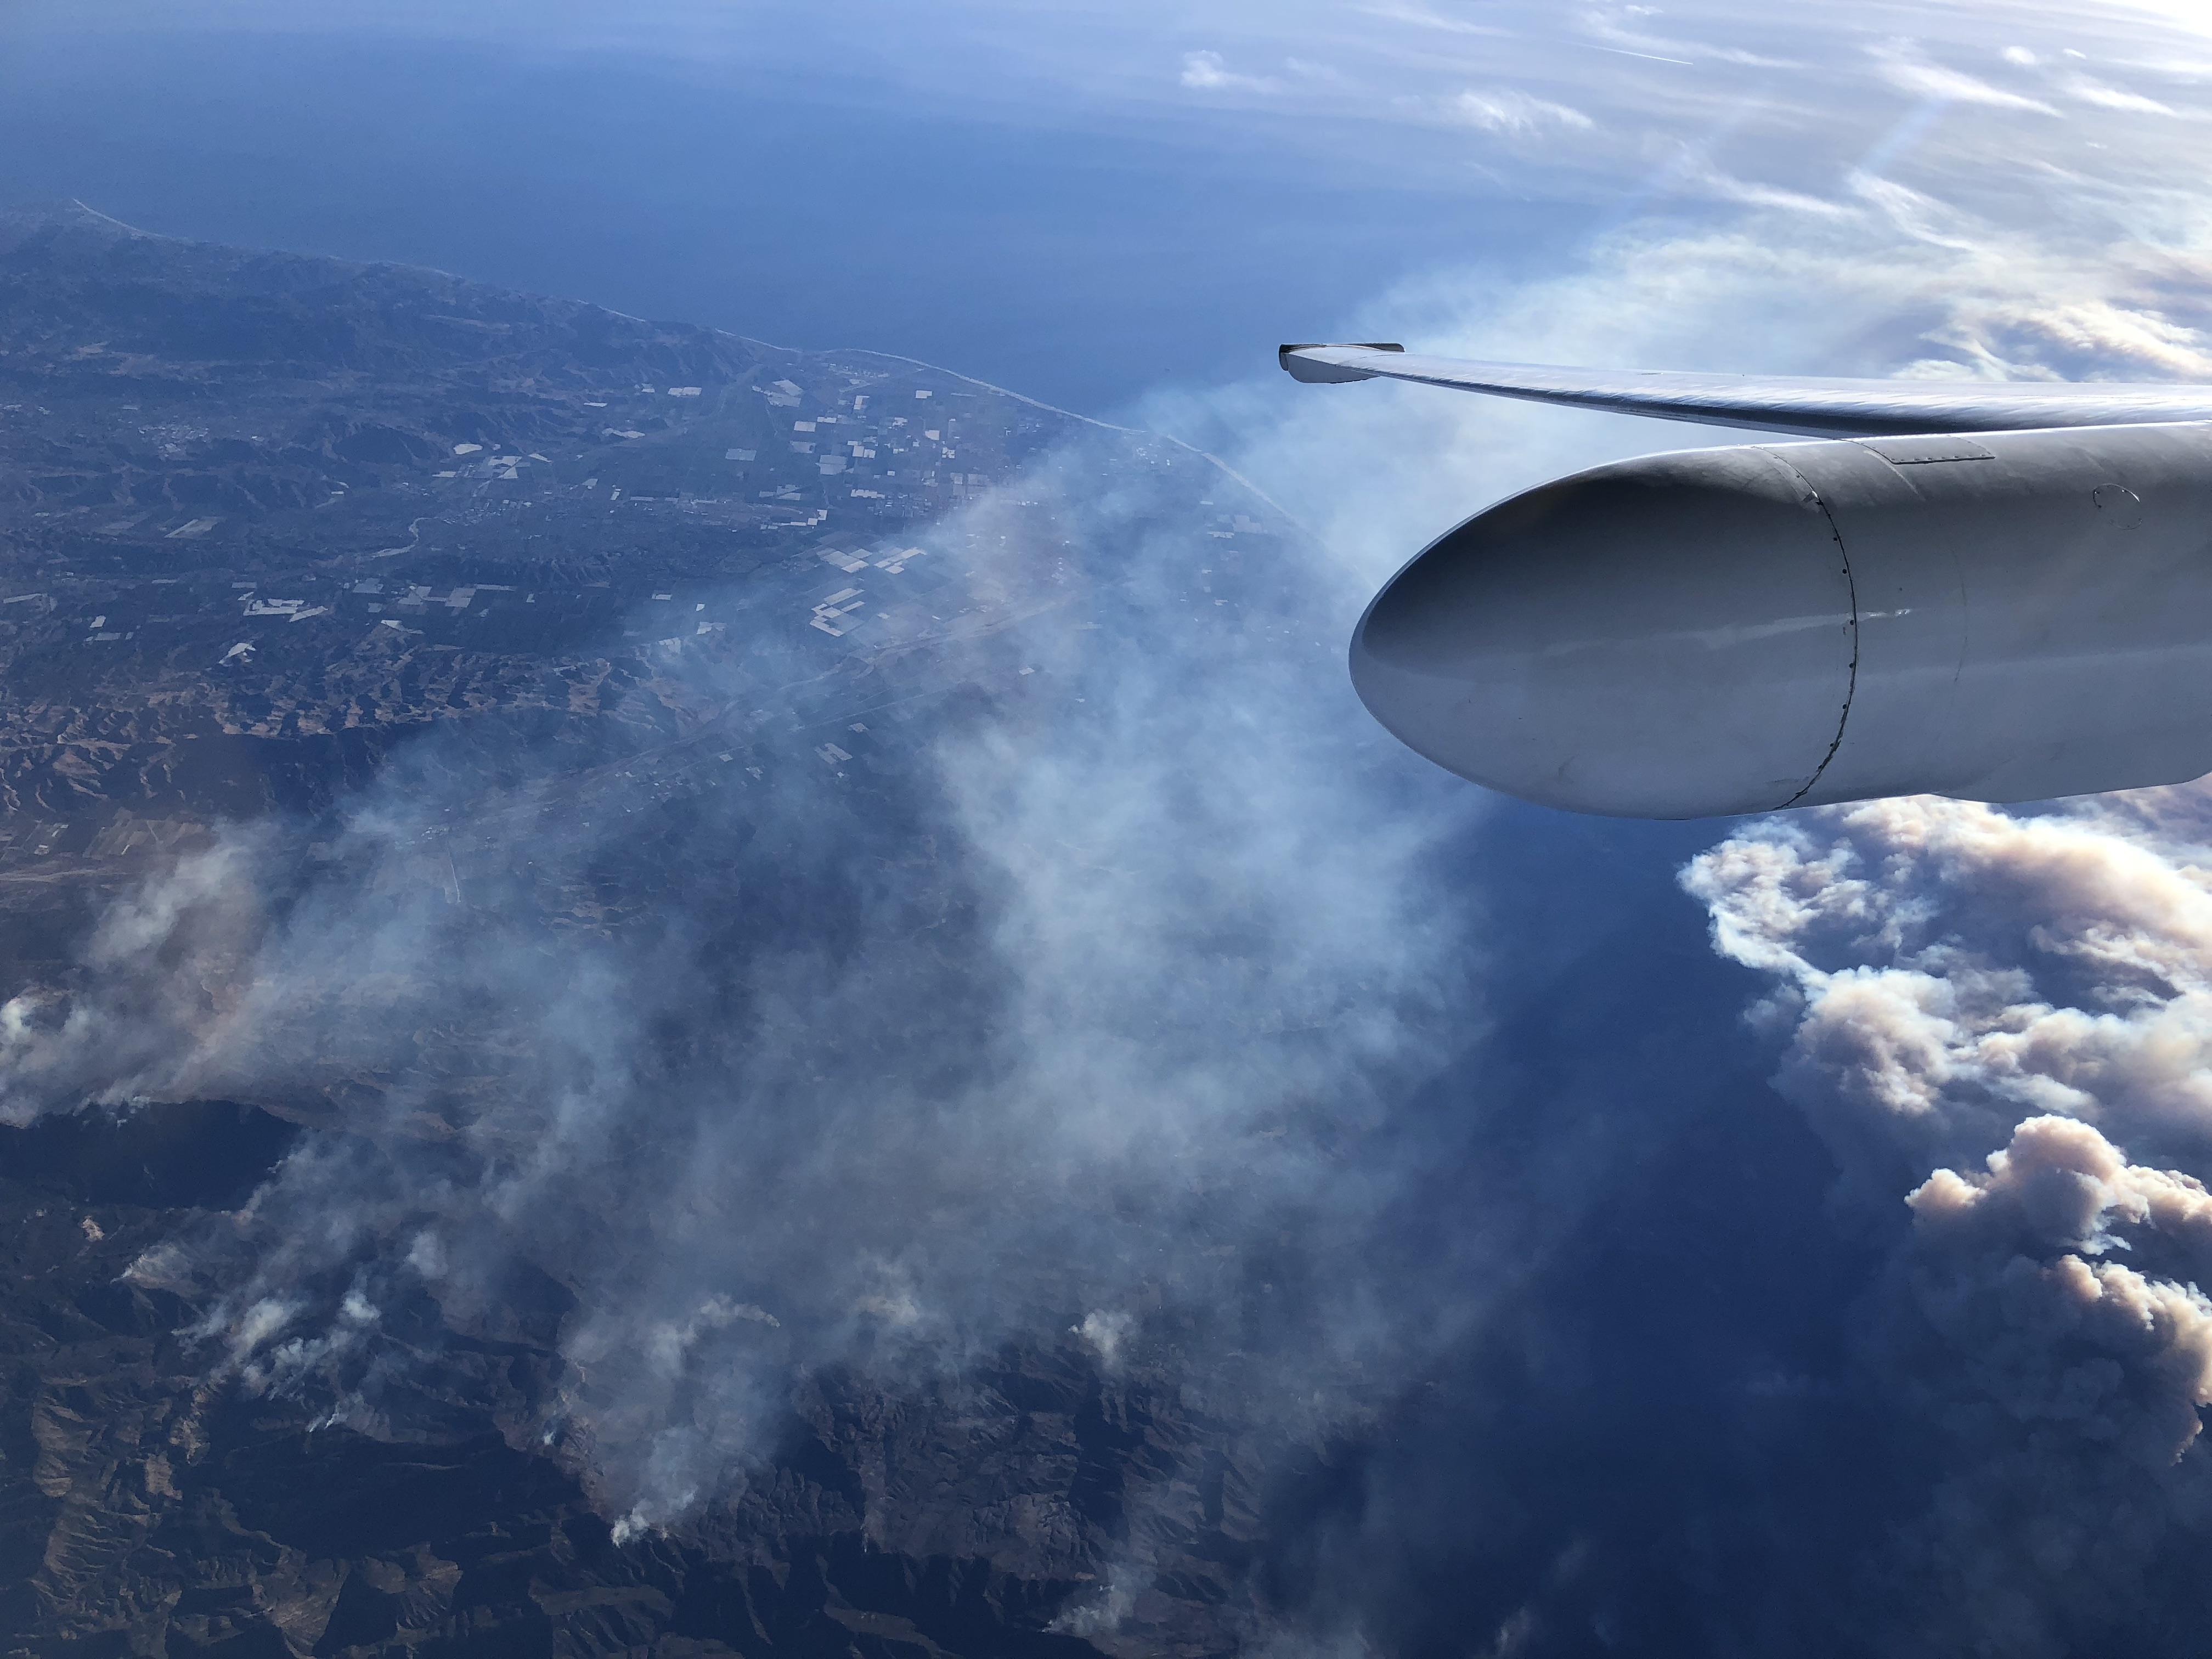 NASA's ER-2 aircraft flies above the Thomas Fire in Ventura County, California